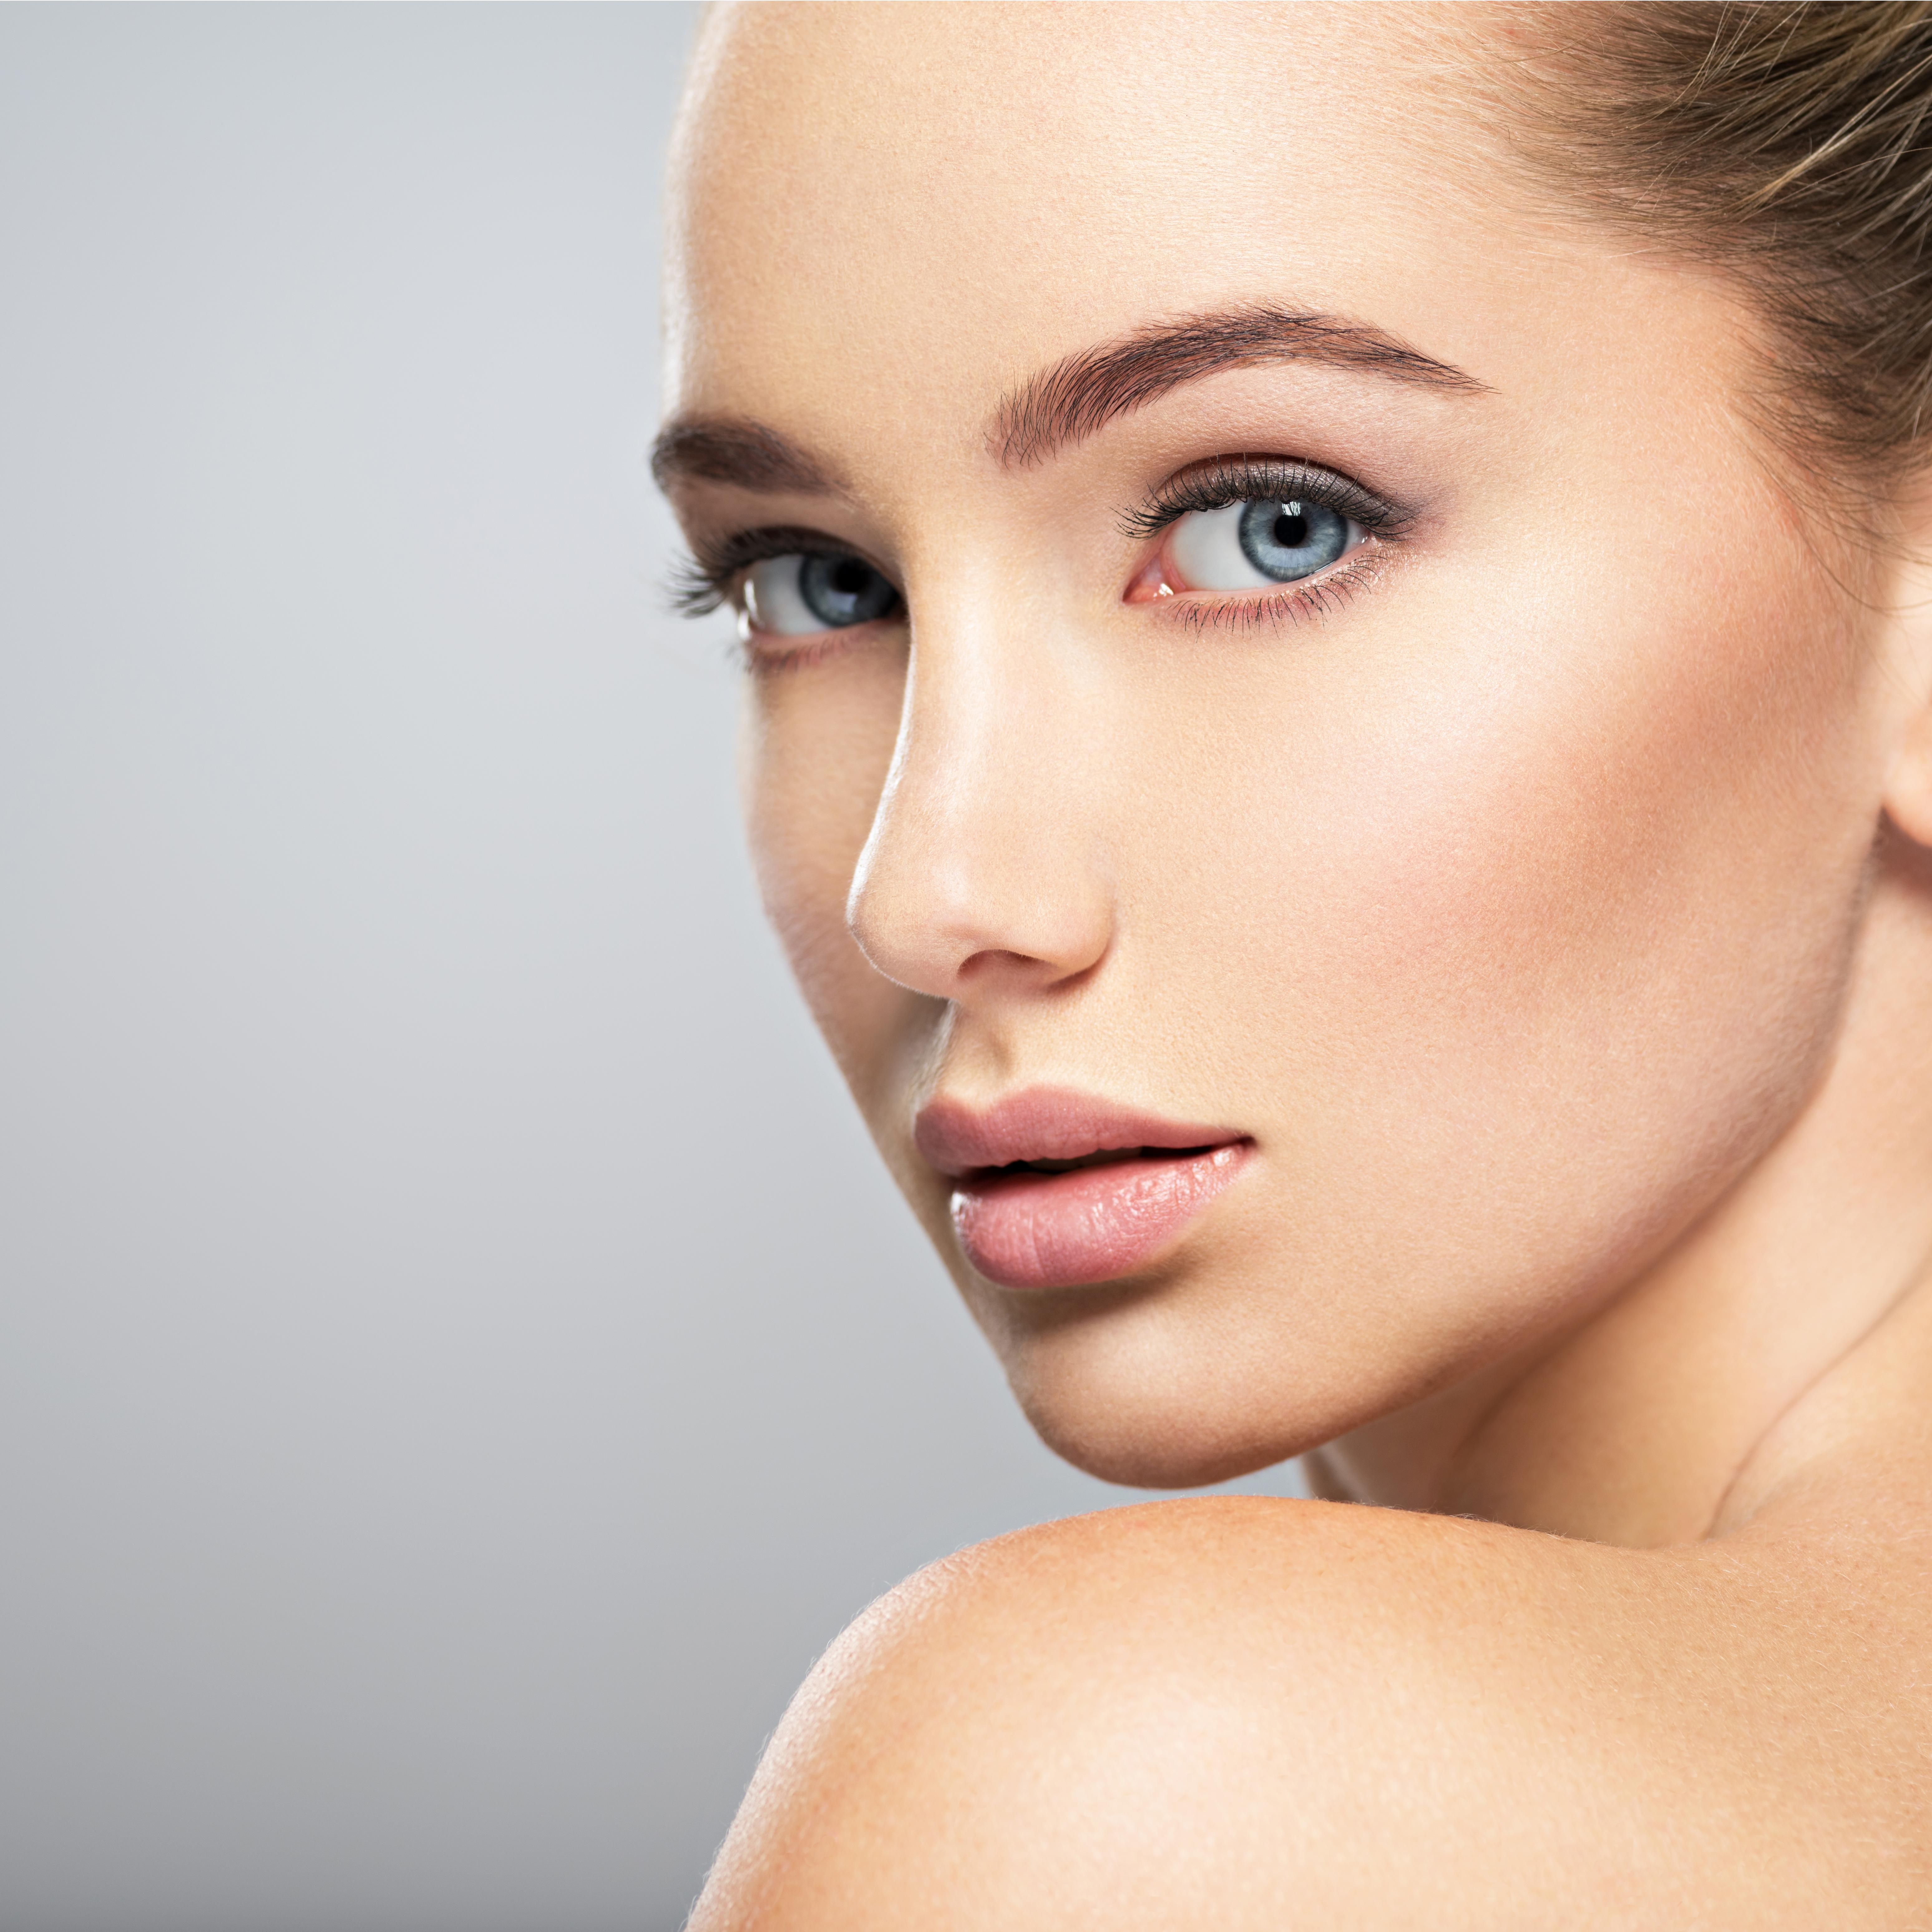 <p>Следват синеоките, зеленооките и хората с лешникови и кафяви очи. Според изследователите индивидите със сини очи, често смятани за особено атрактивни, са дружелюбни и екстроверти.</p>